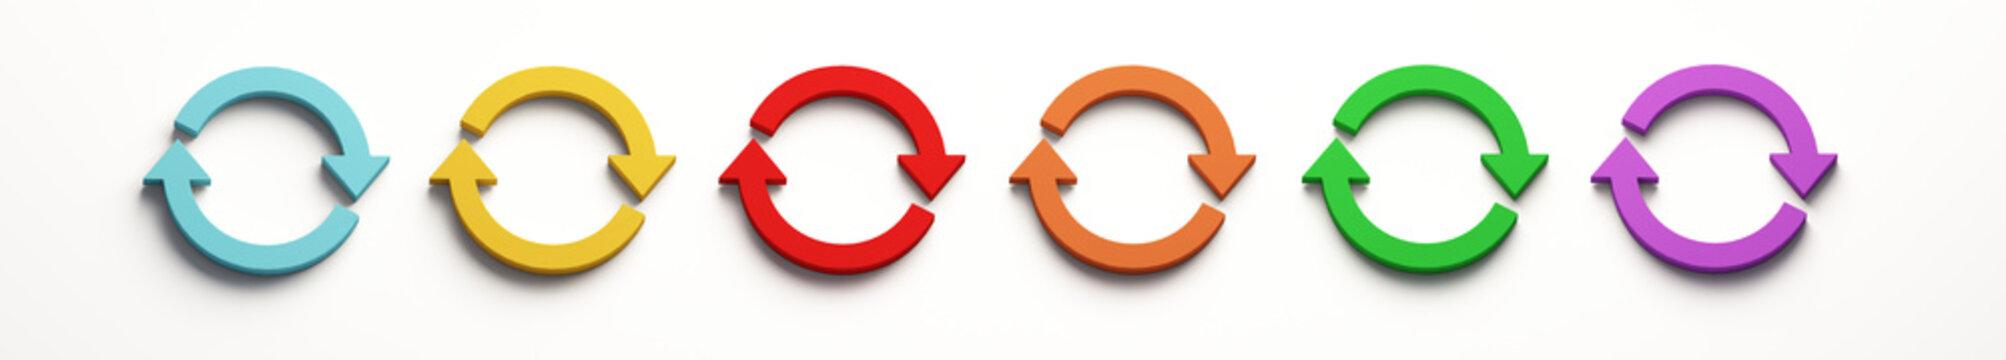 Set of Rotate Symbol. 3D Render Illustration